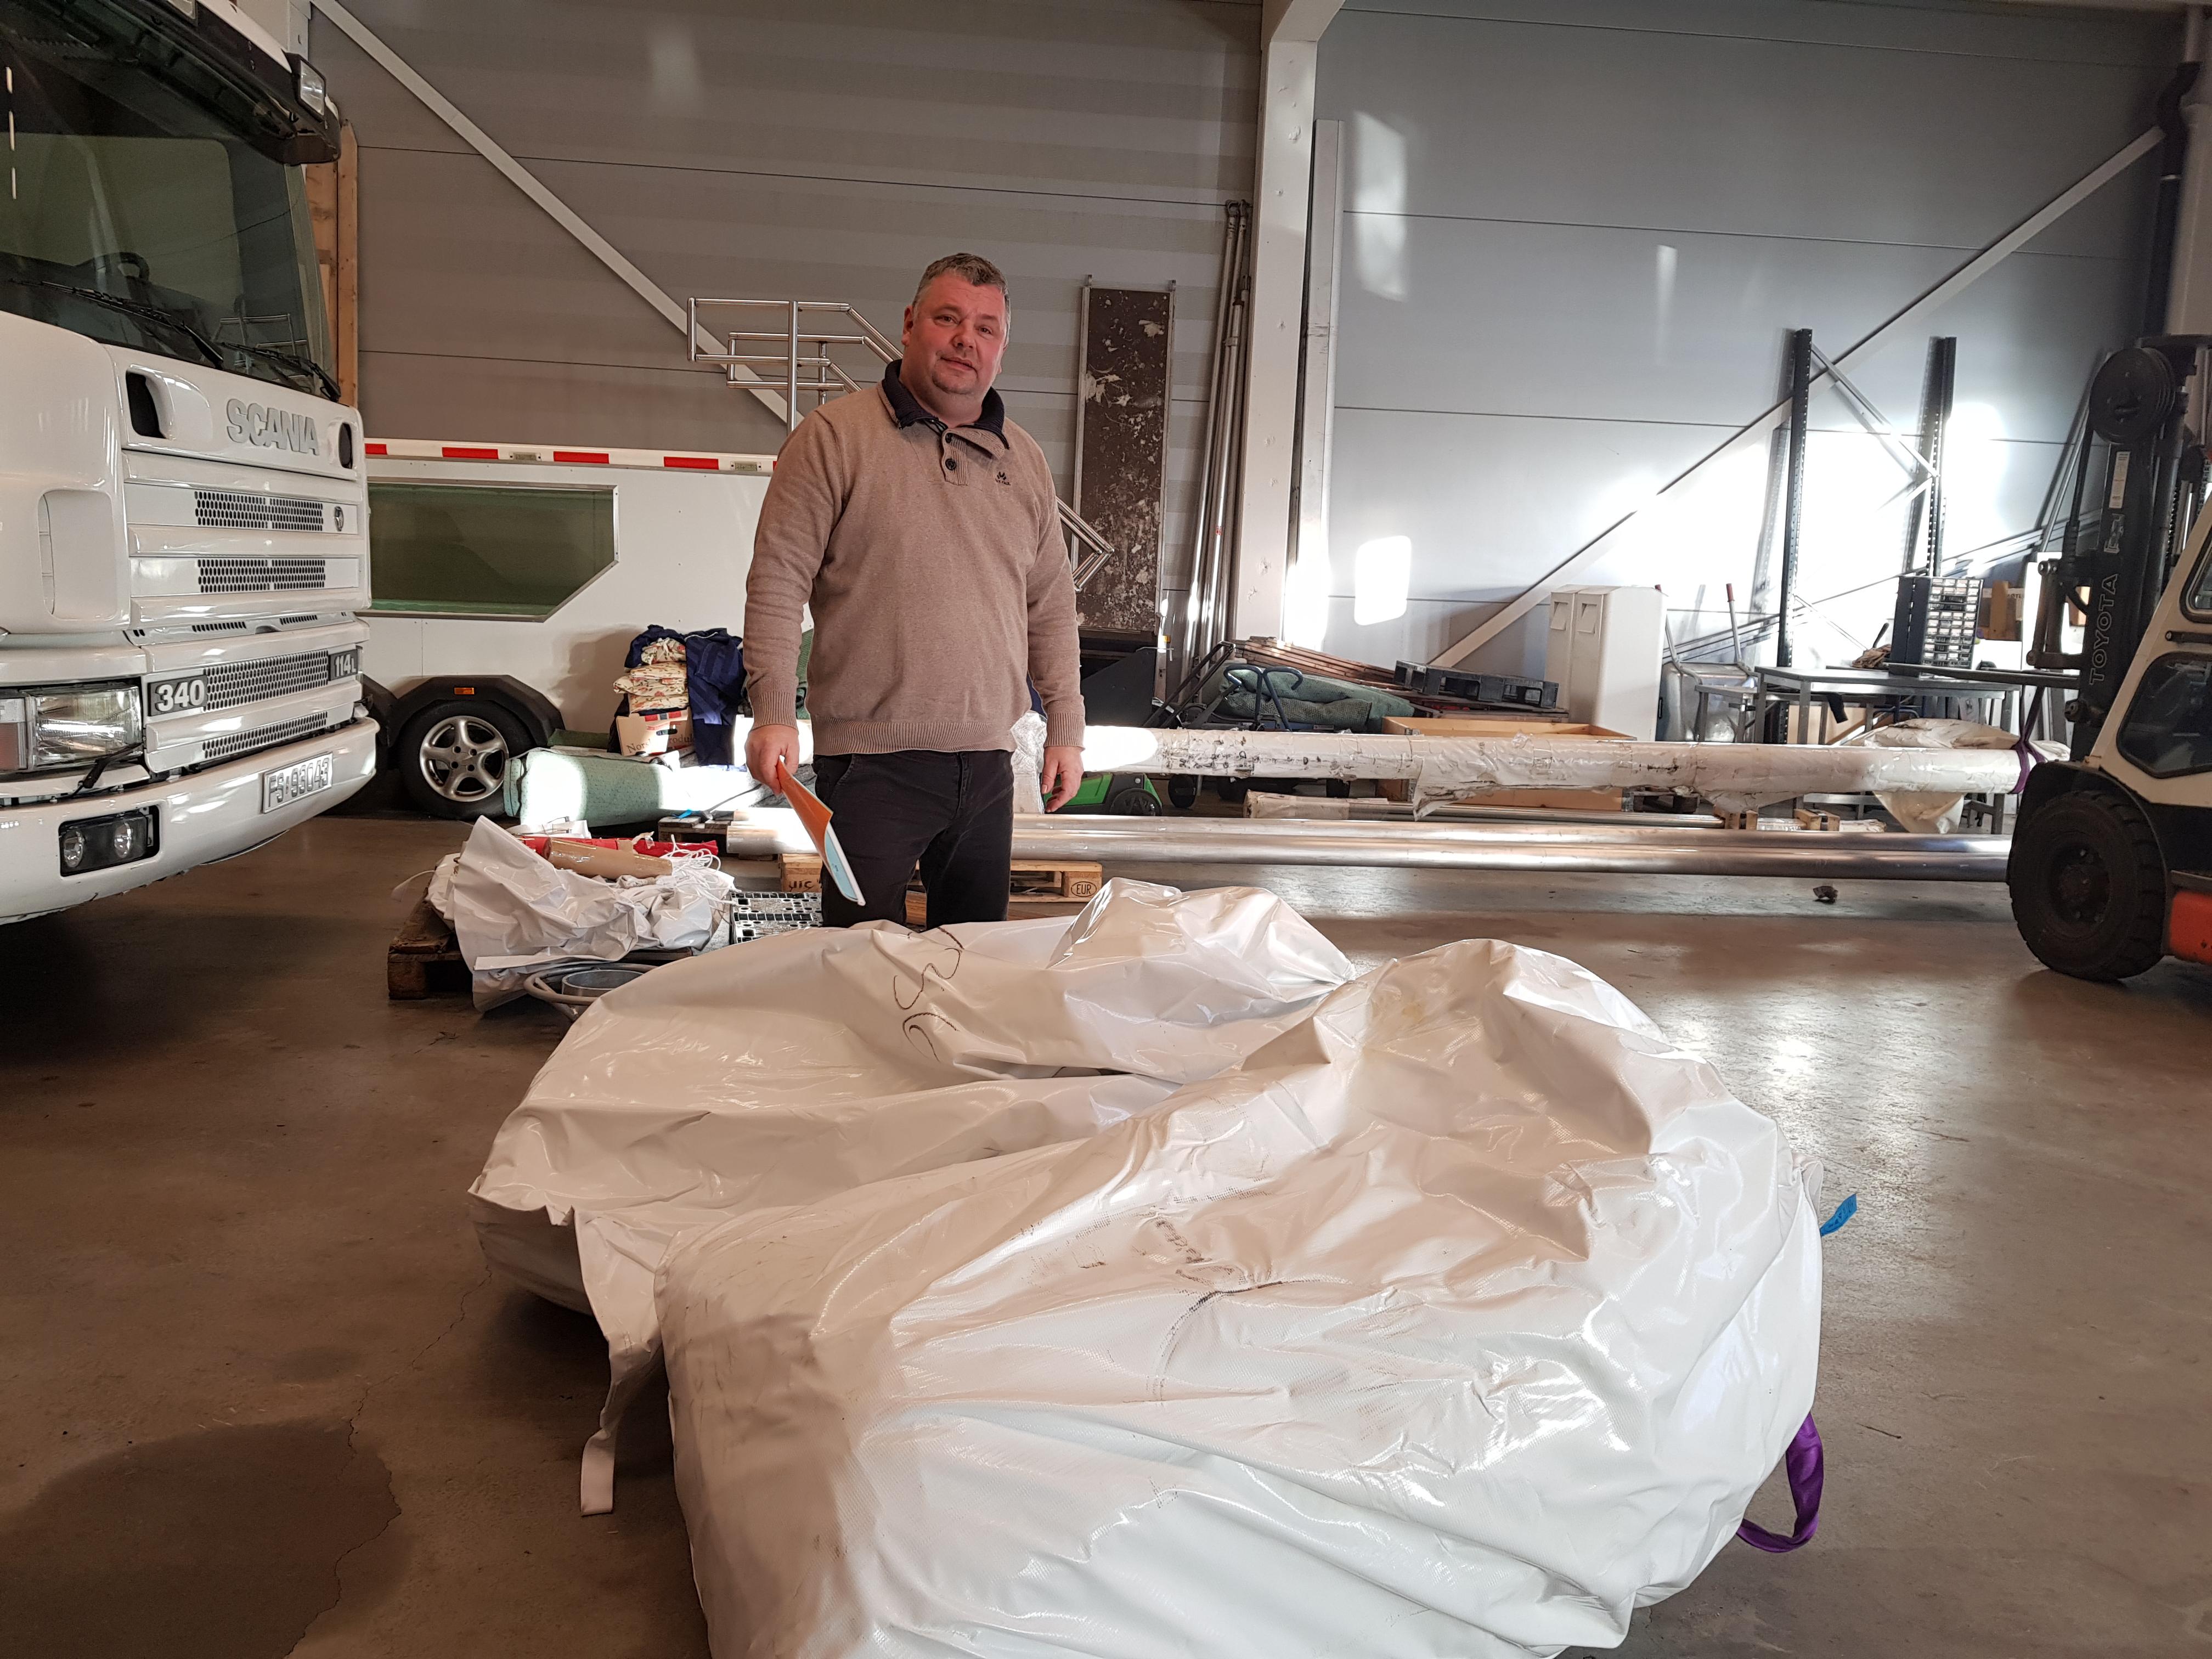 Den nye telt seksjonen er ankommet!